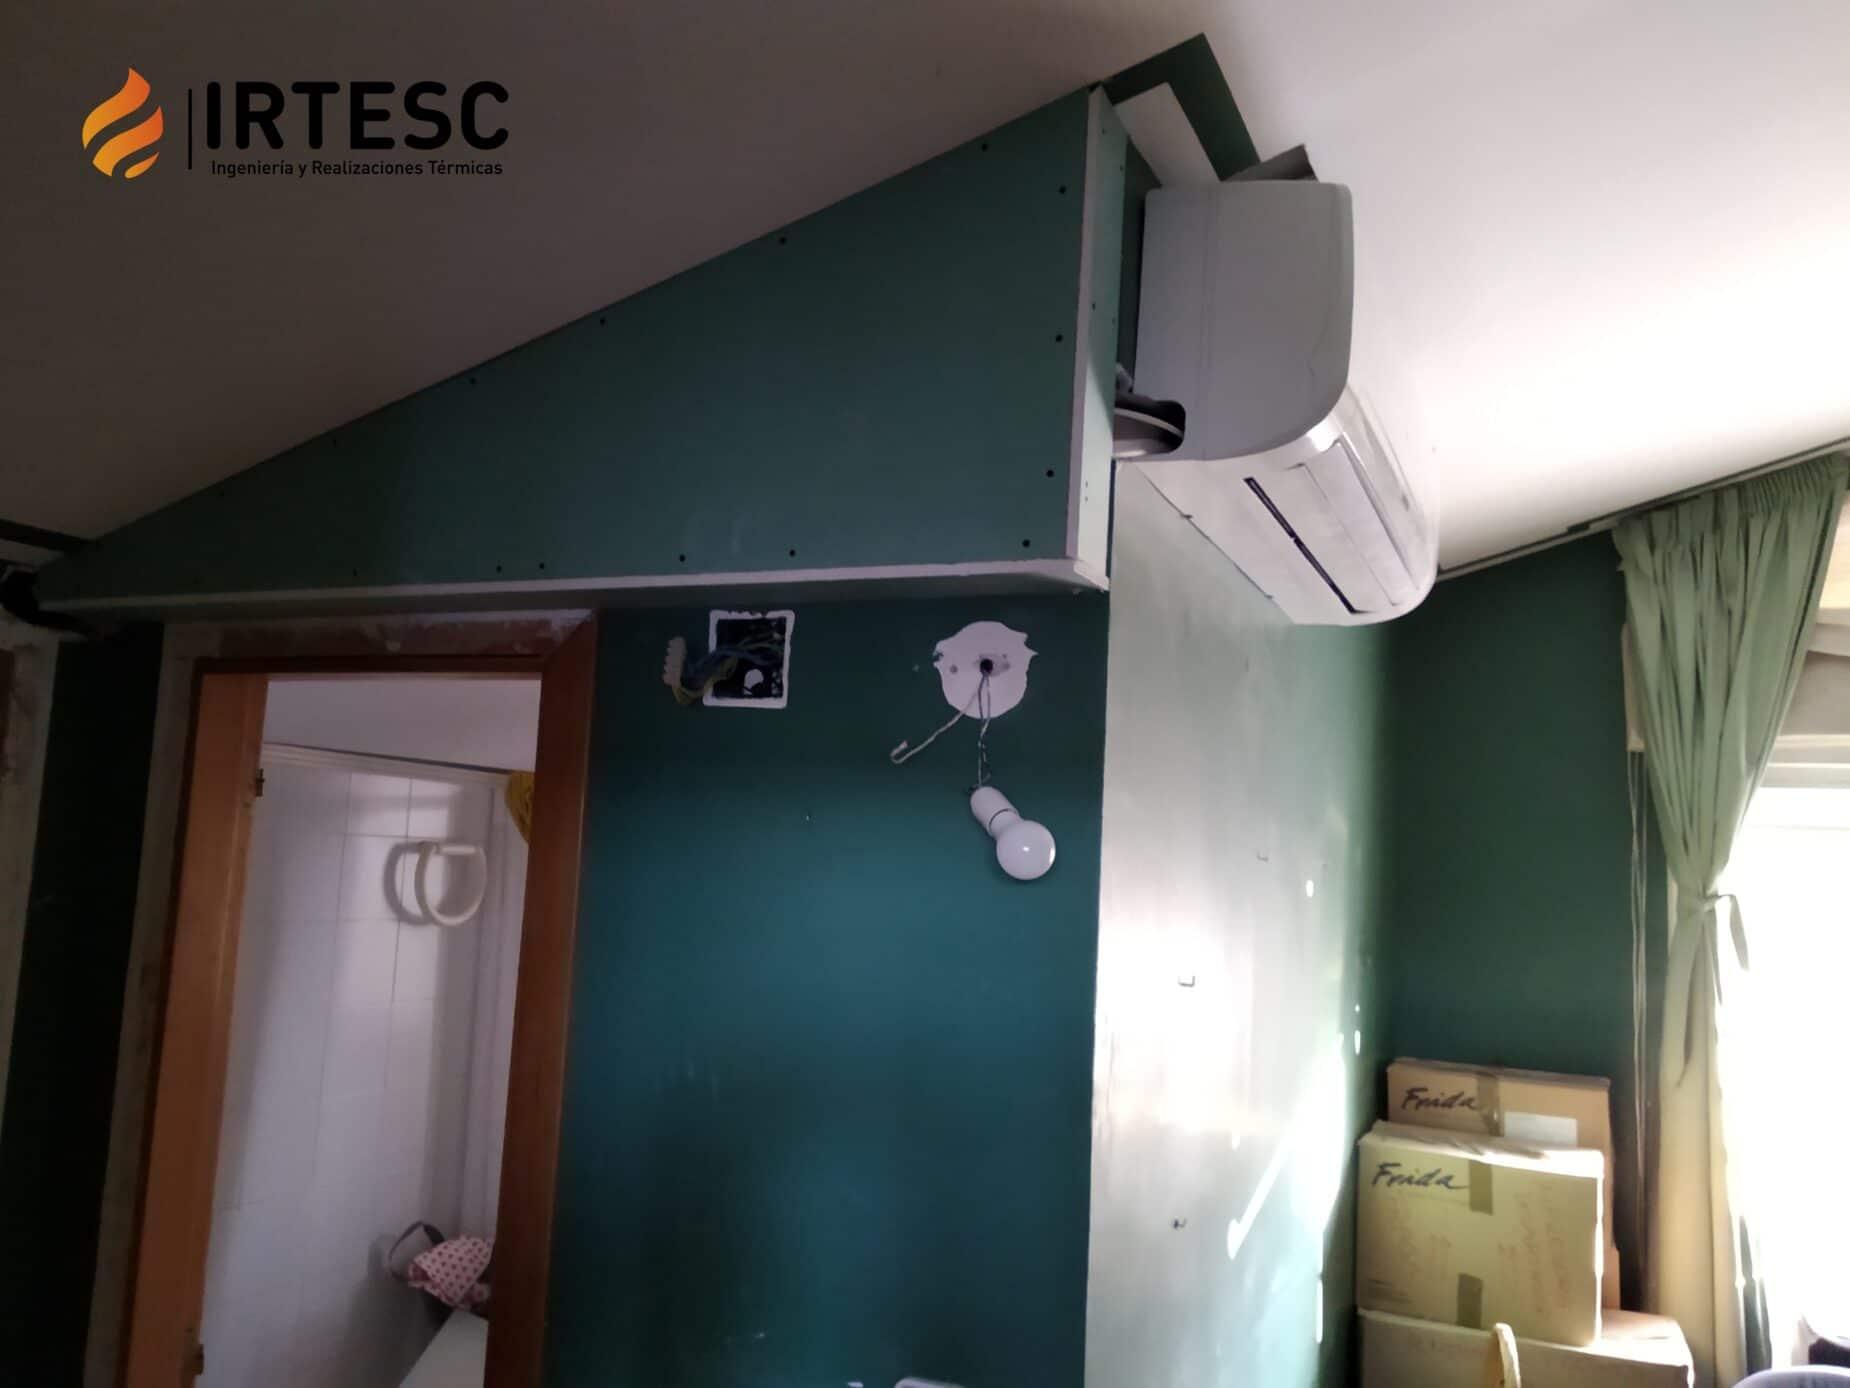 climatización aire acondicionado fancoil split